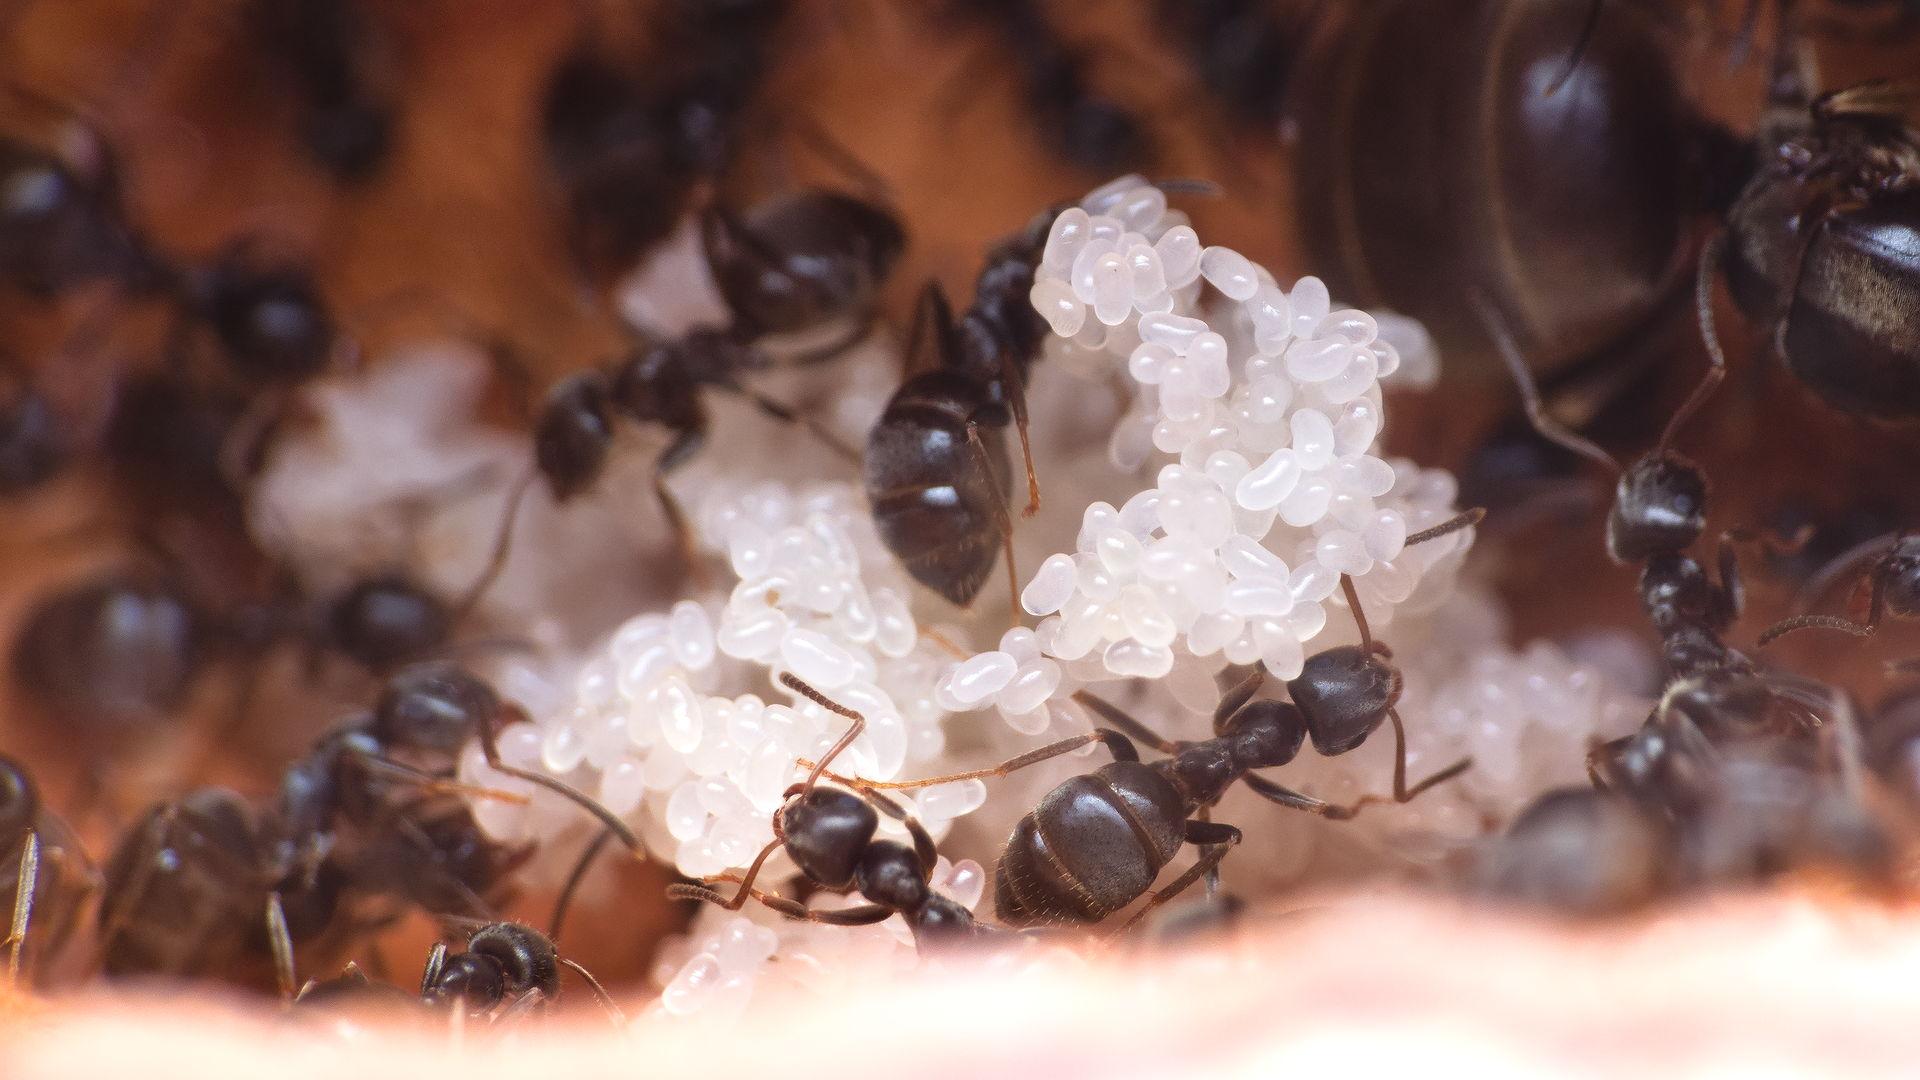 Nahansicht eines Eierbergs einer Lasius niger Kolonie